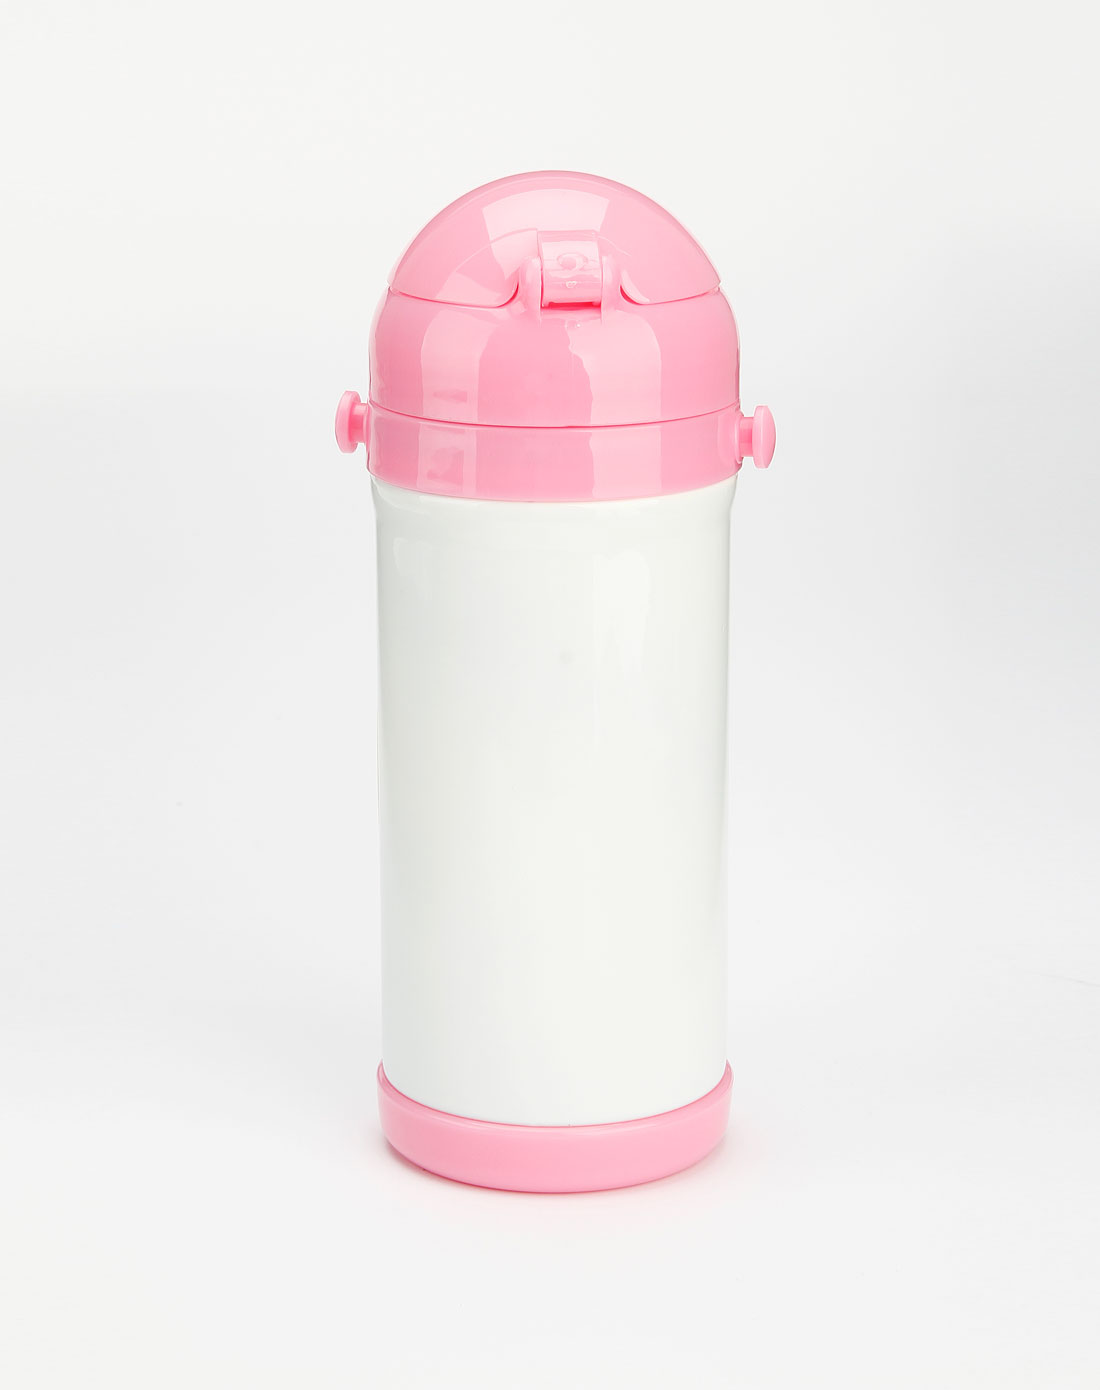 迪士尼disney儿童用品专场米奇吸管保温杯mnie-c500c